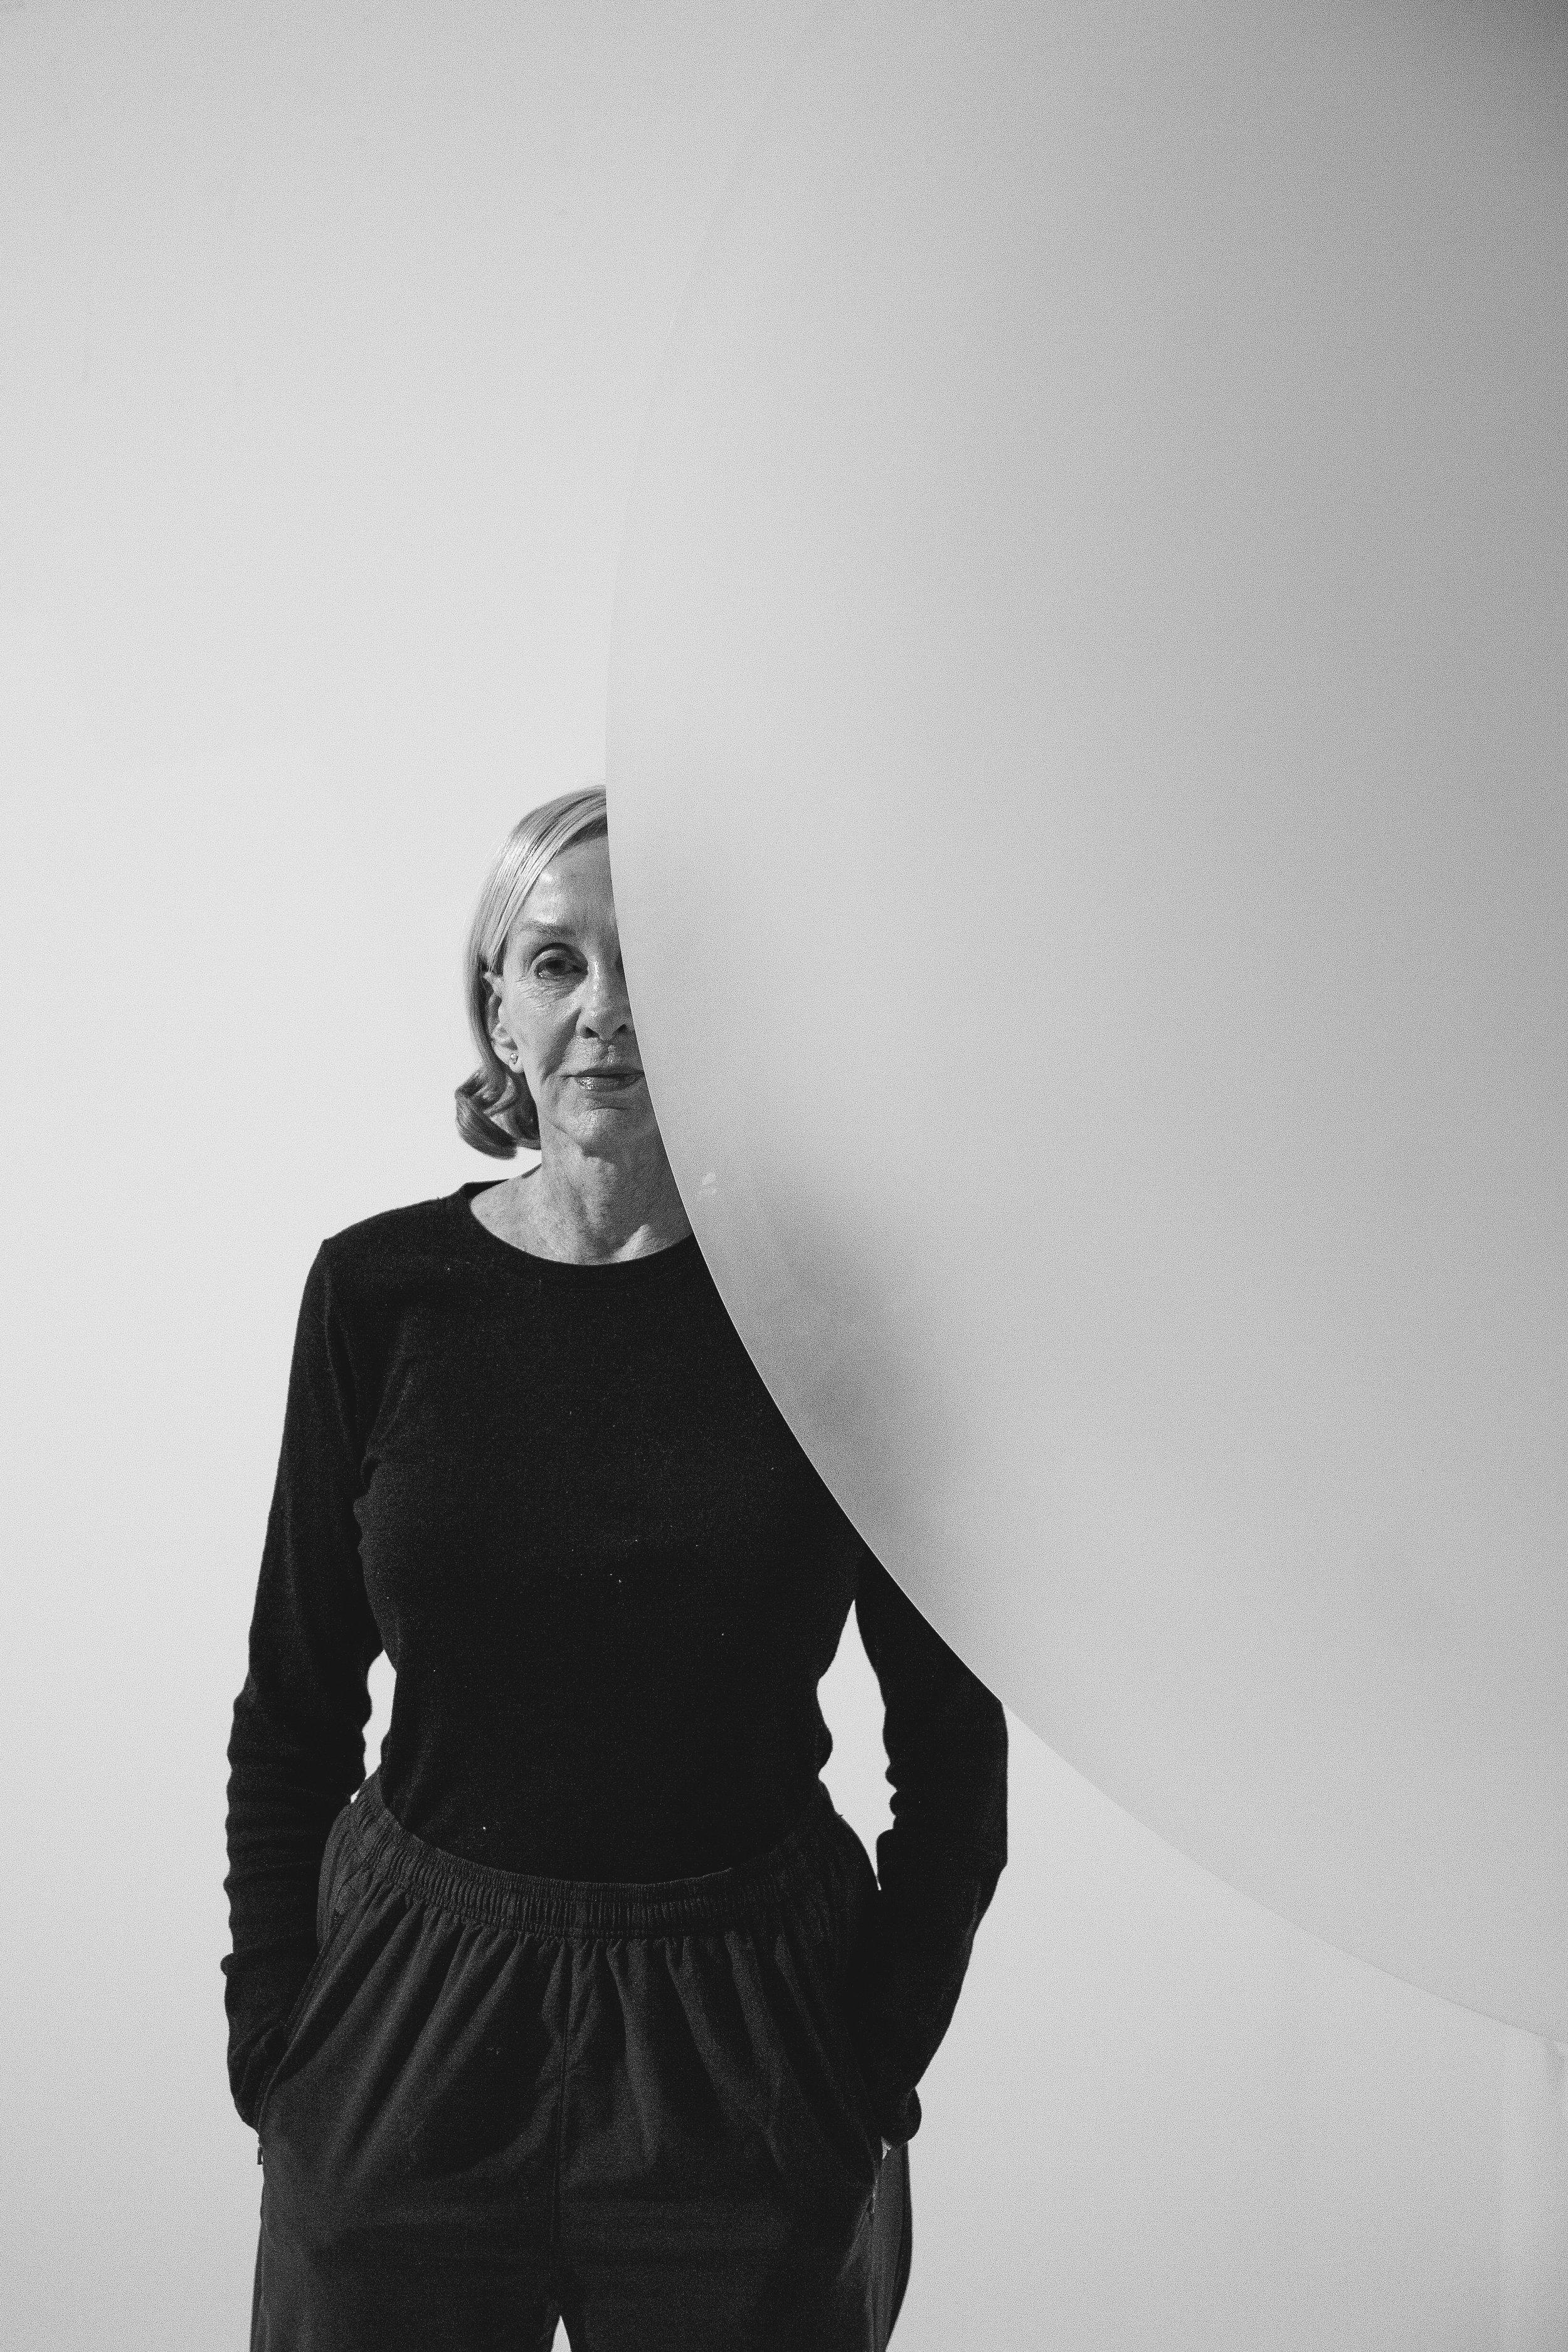 HELEN PASHGIAN photographed in her studio.